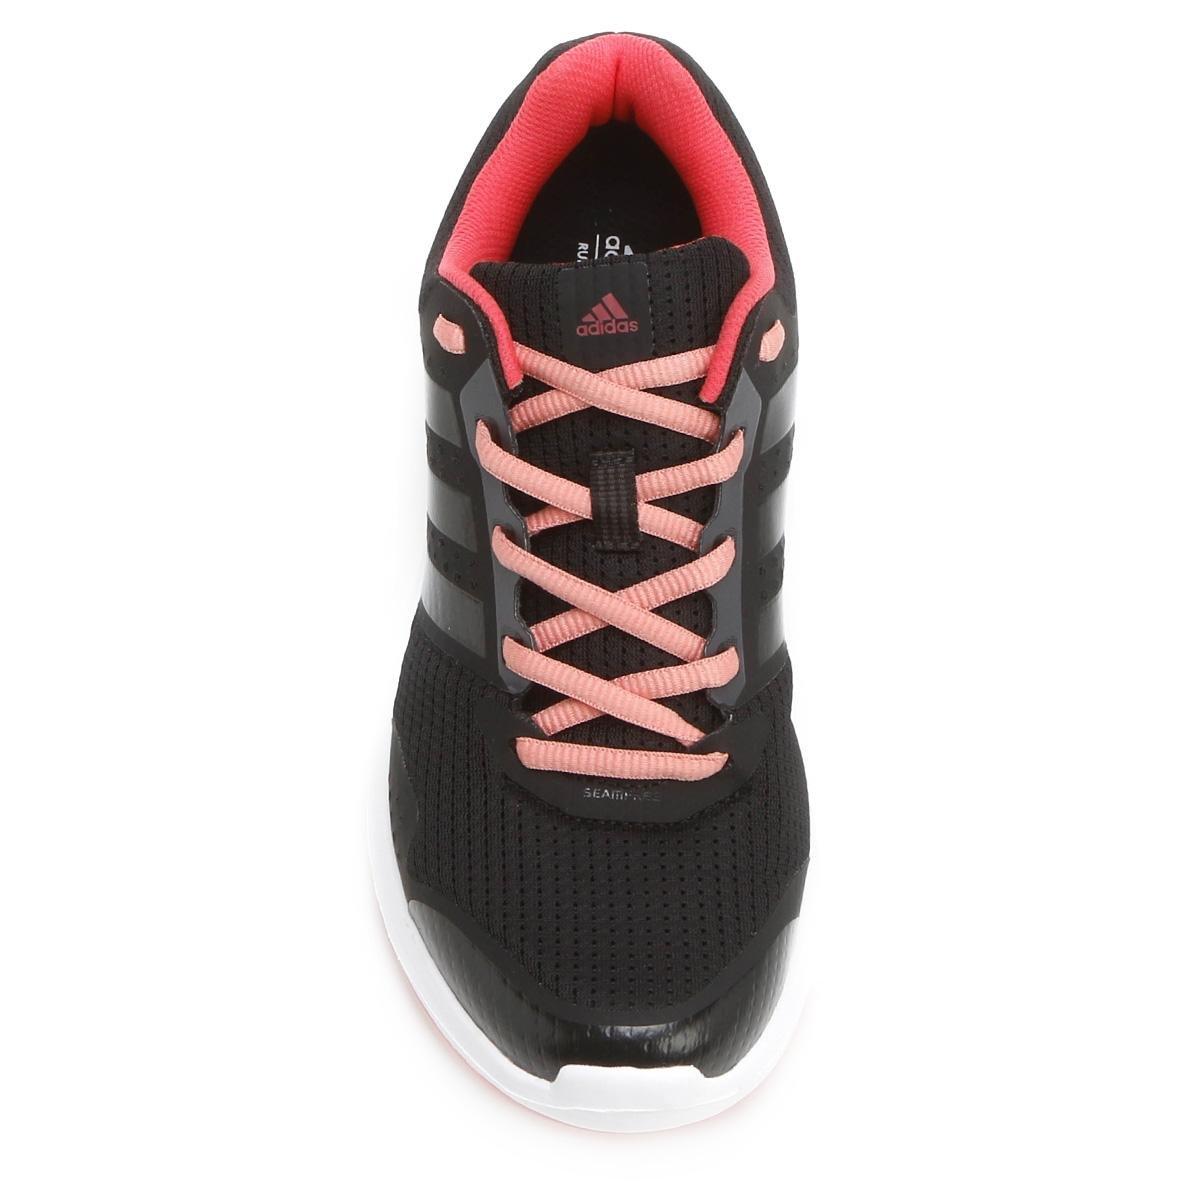 Tênis Adidas Duramo 7 Feminino - Preto e Rosa - Compre Agora  70cccd3b32f84